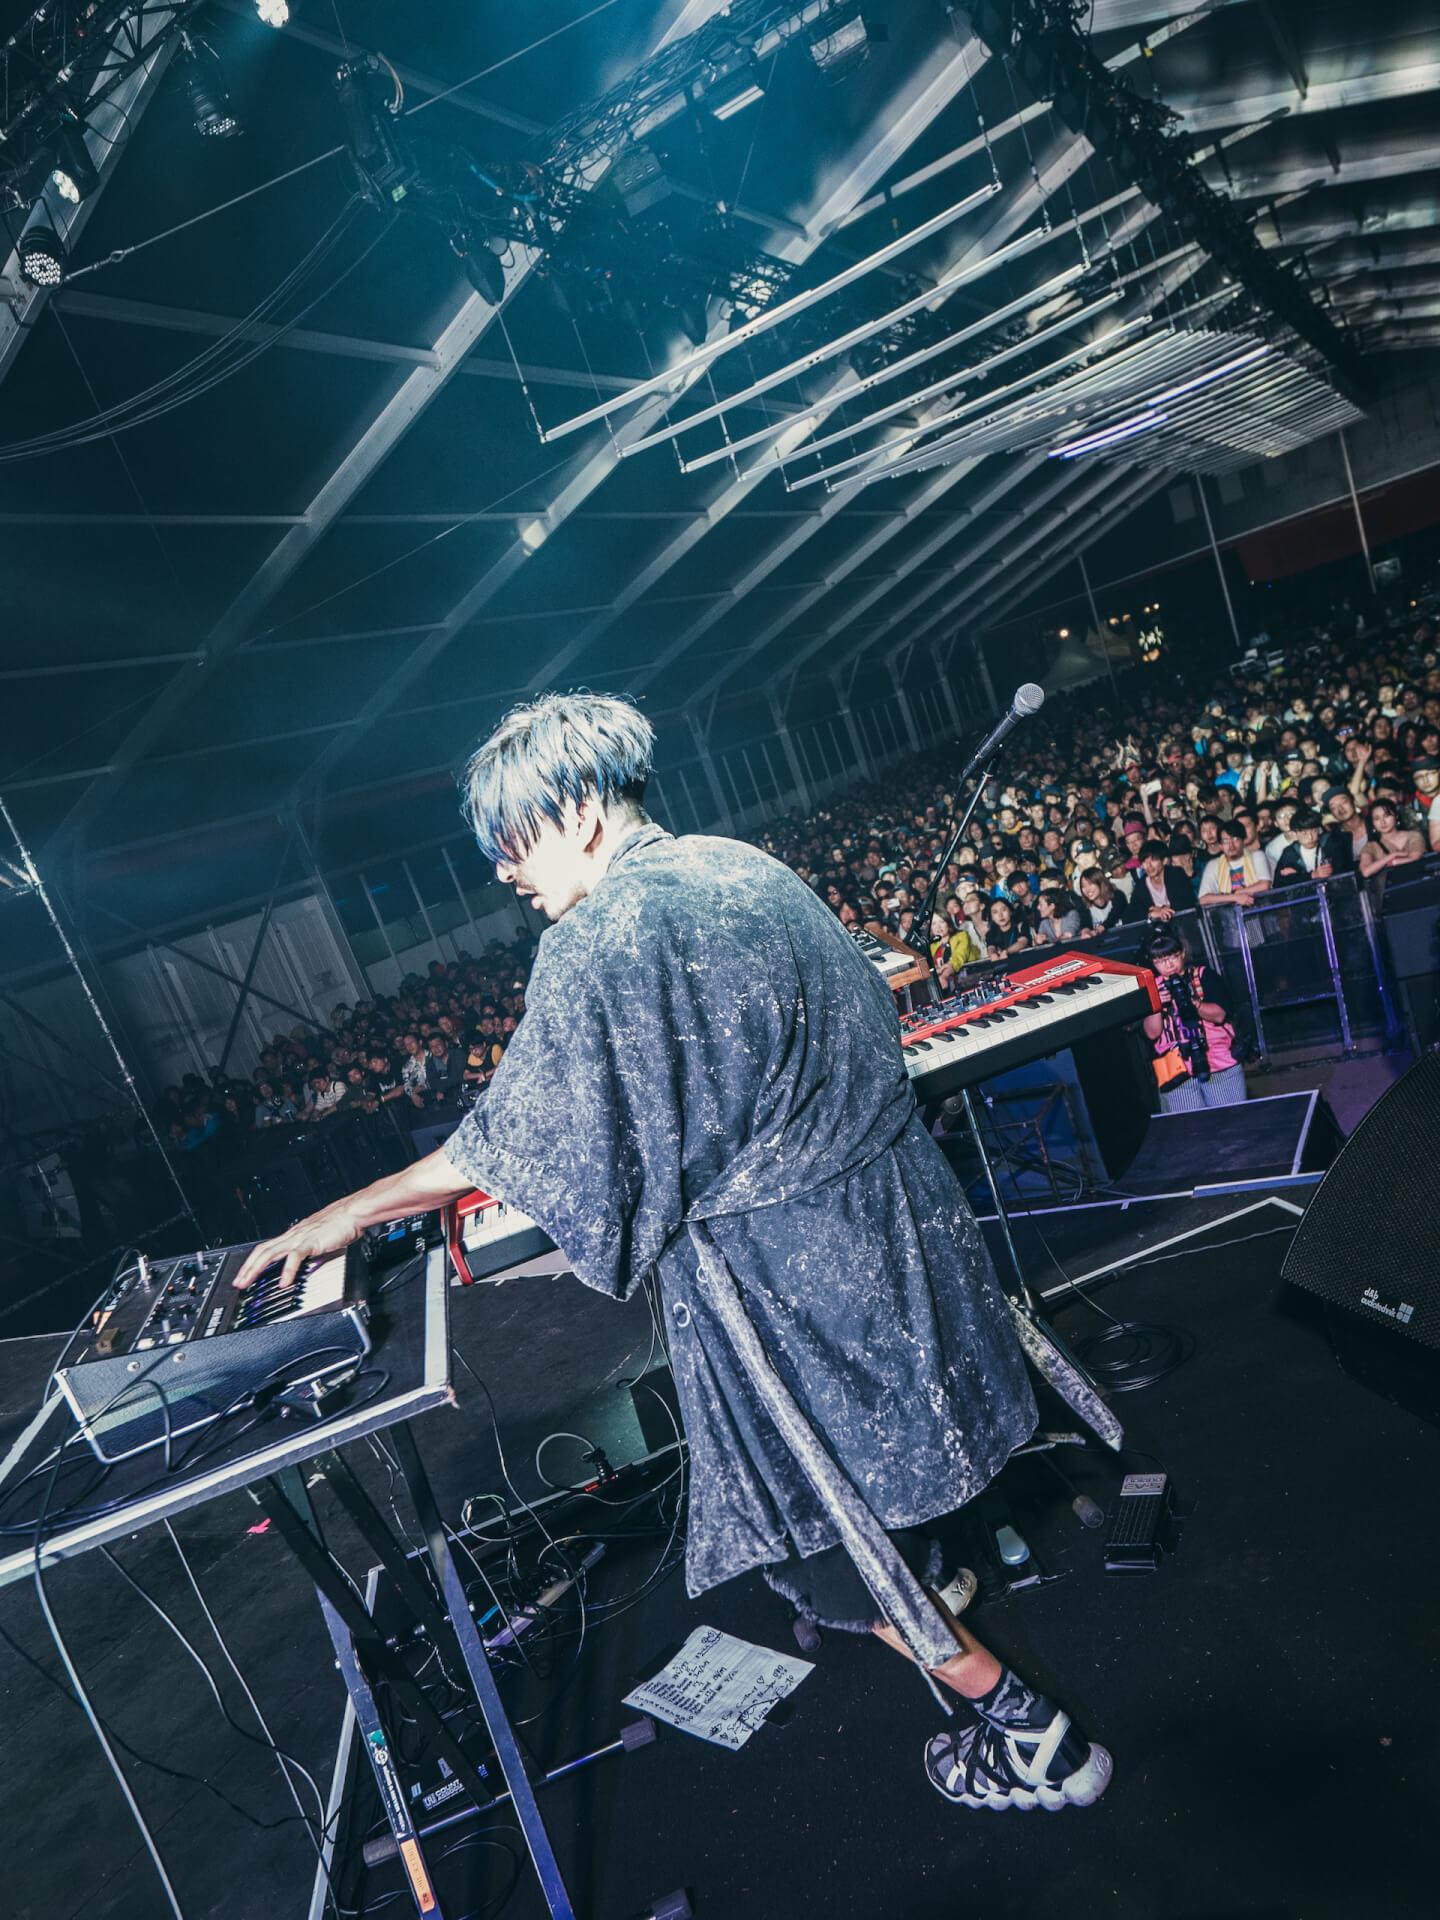 振り返るフジロック2019 BIGYUKI music190826-bigyuki-fujirock-report-15-1